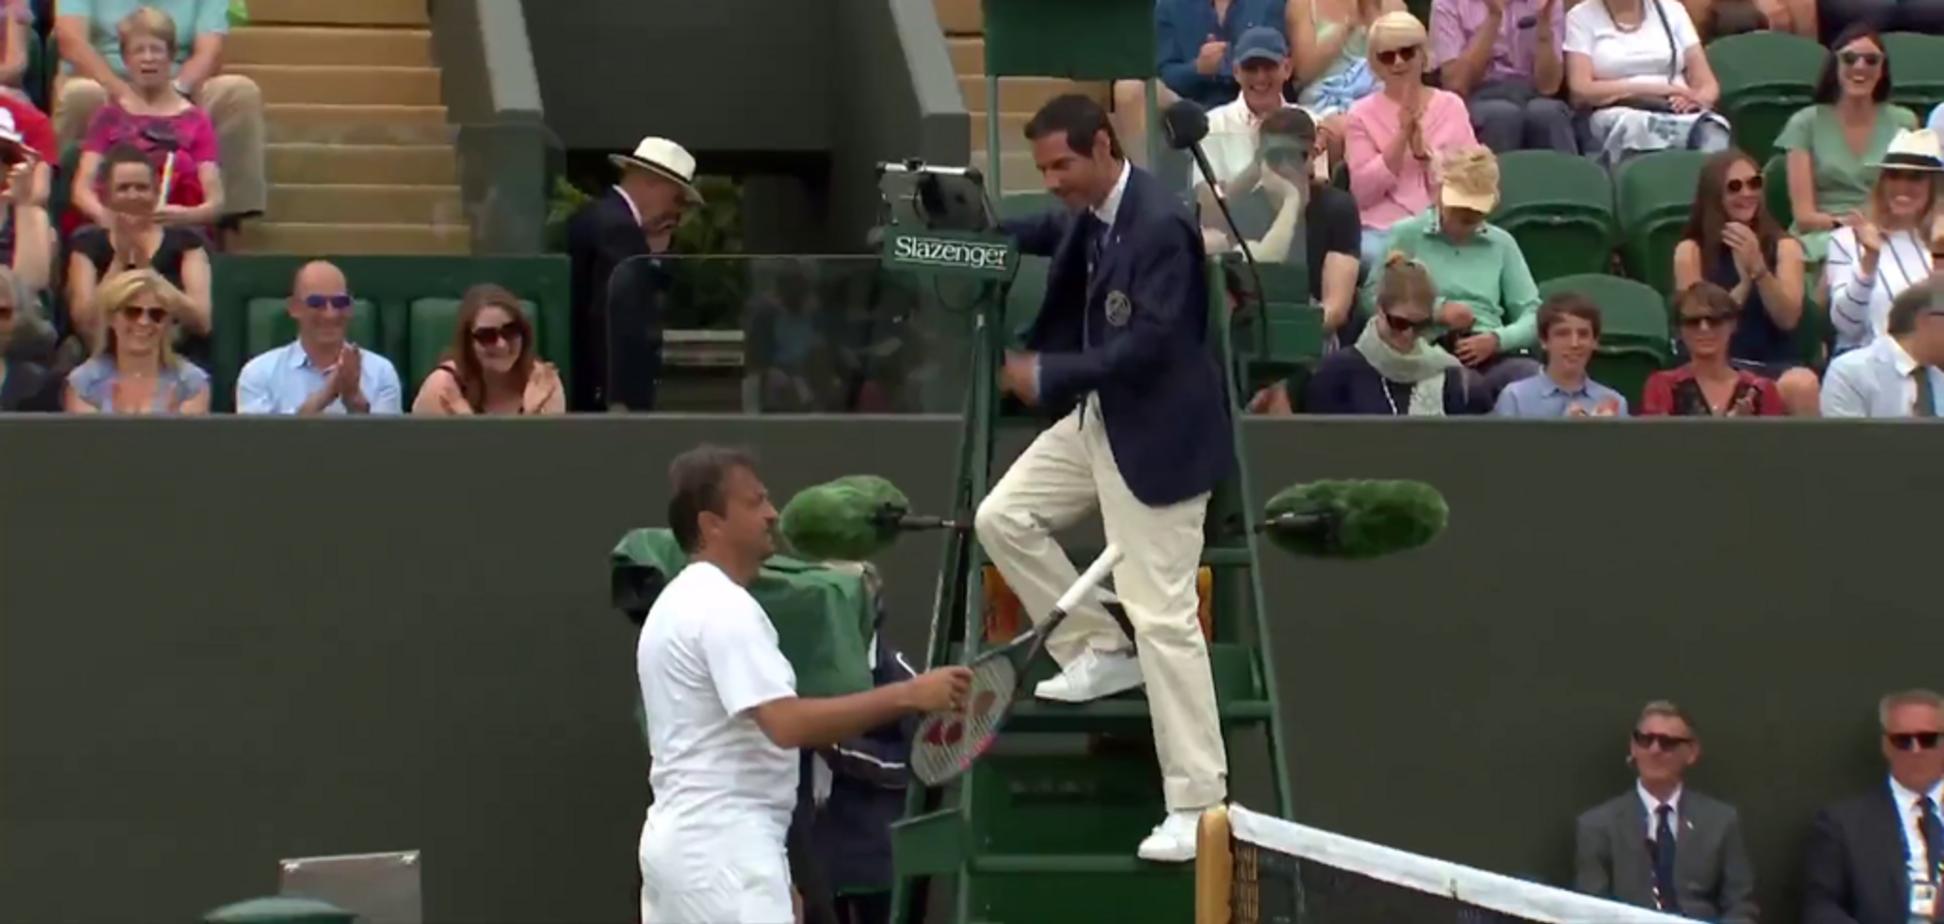 Теннисист на Wimbledon стащил судью с вышки и заставил играть вместо себя